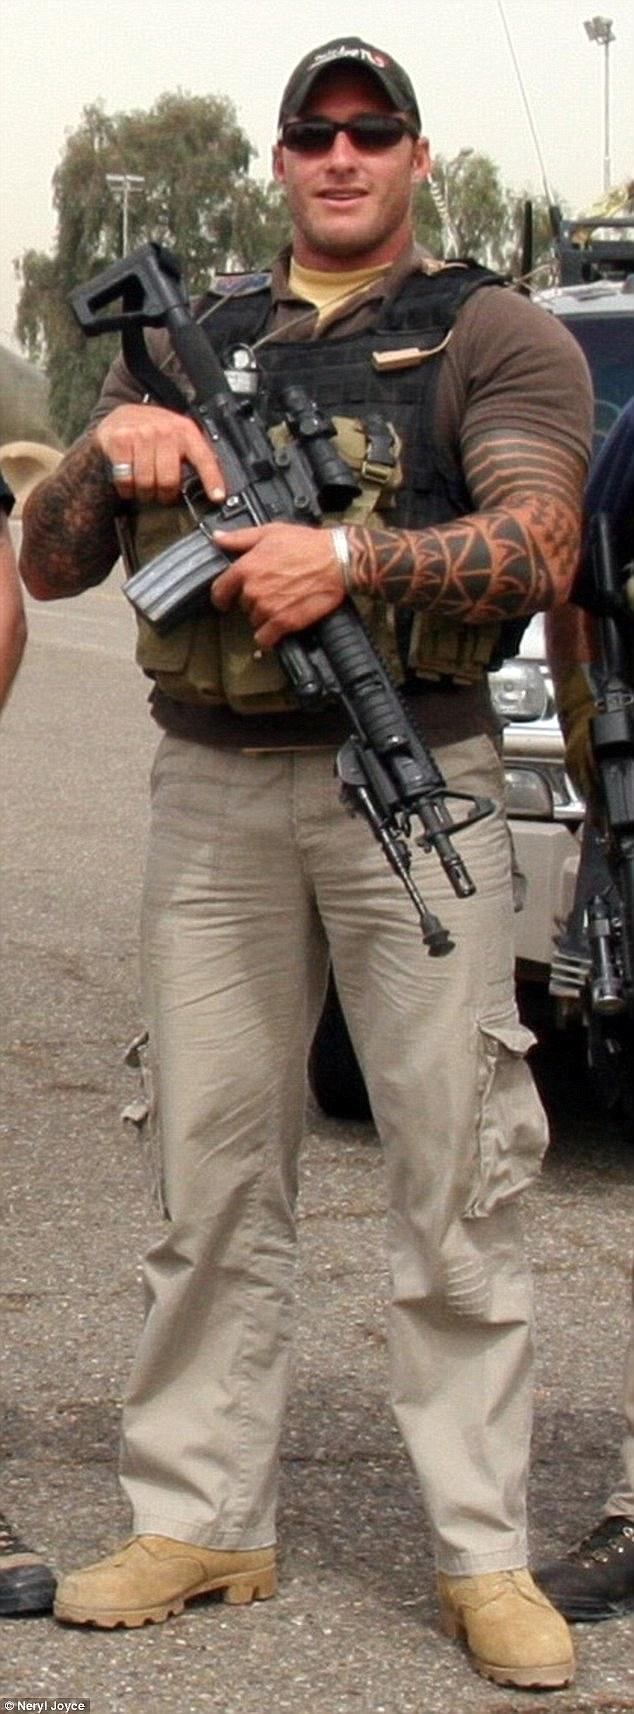 Army sniper Joshua Faulkhead was recruited into the Comanchero gang as a bodyguard